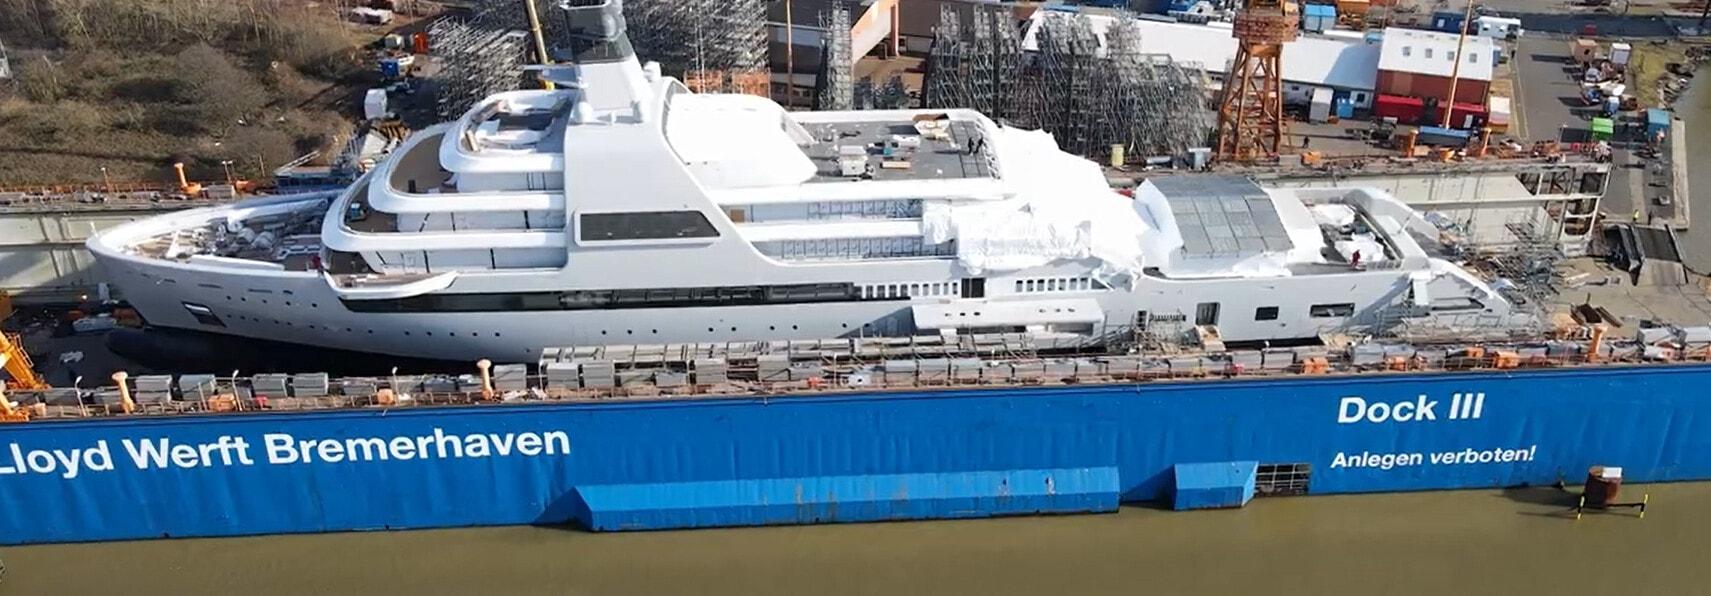 Il super yacht del patron del Chelsea Roman Abramovich